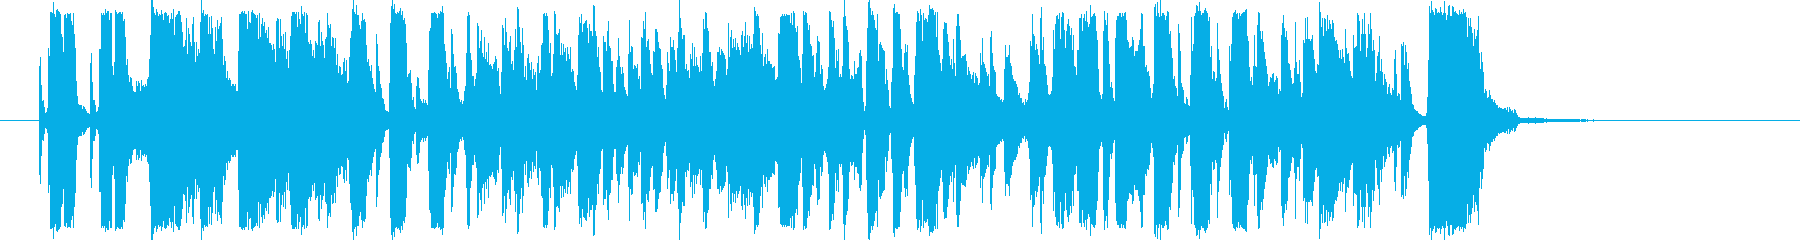 【生演奏】タワー・オブ・パワー風ジングルの再生済みの波形